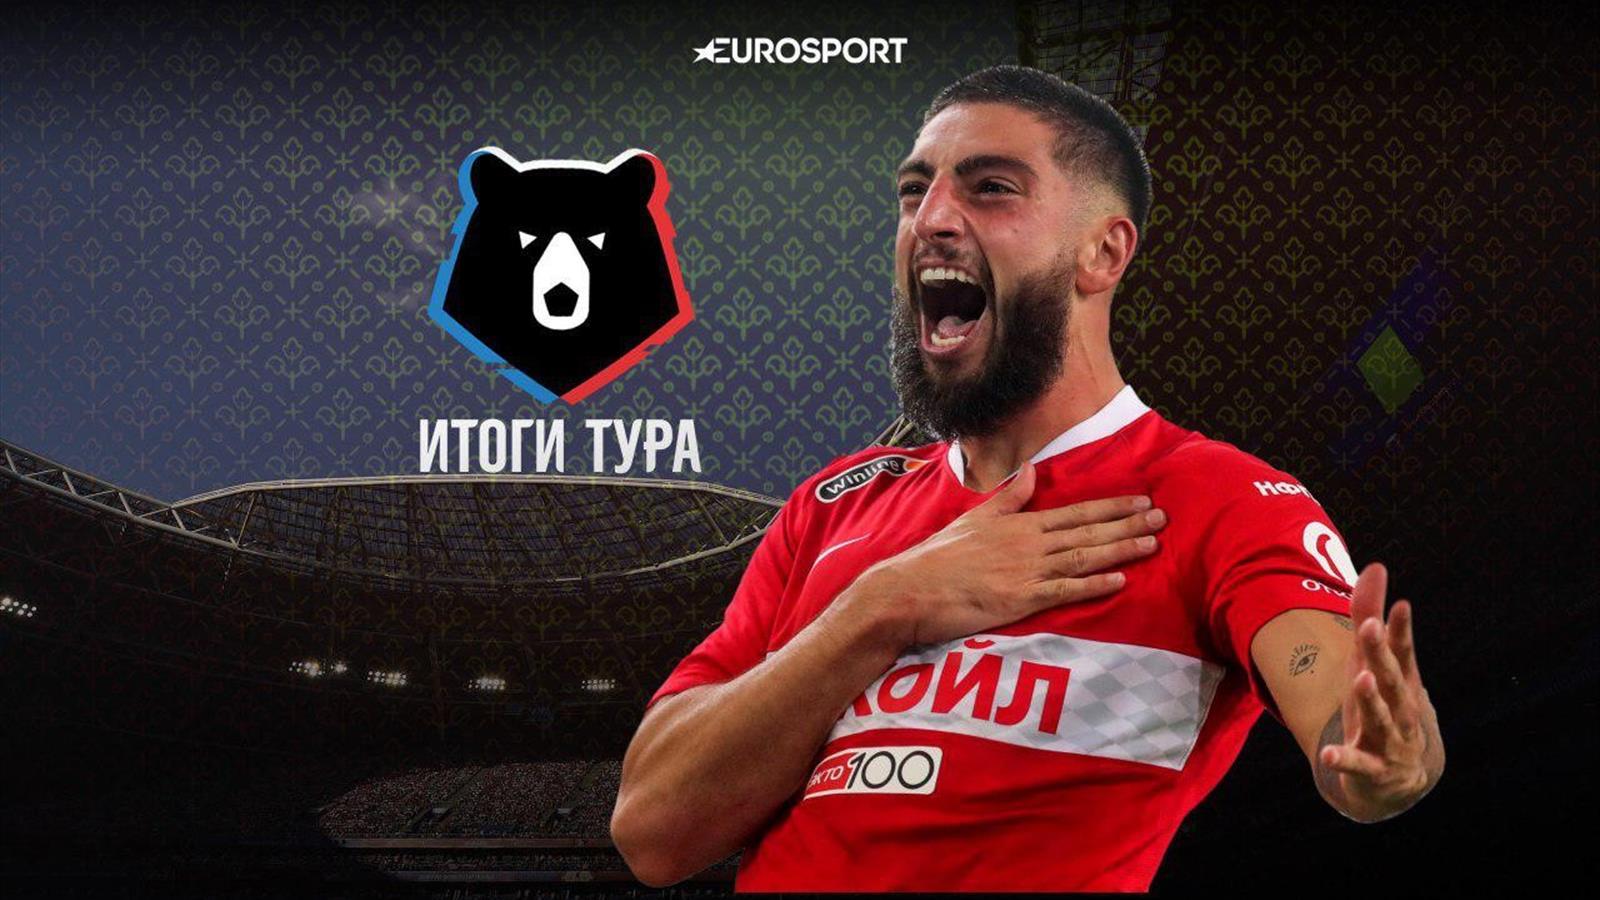 Итоги 6-го тура РПЛ: победа «Спартака» в дерби, спорное судейство на матче «Зенита»